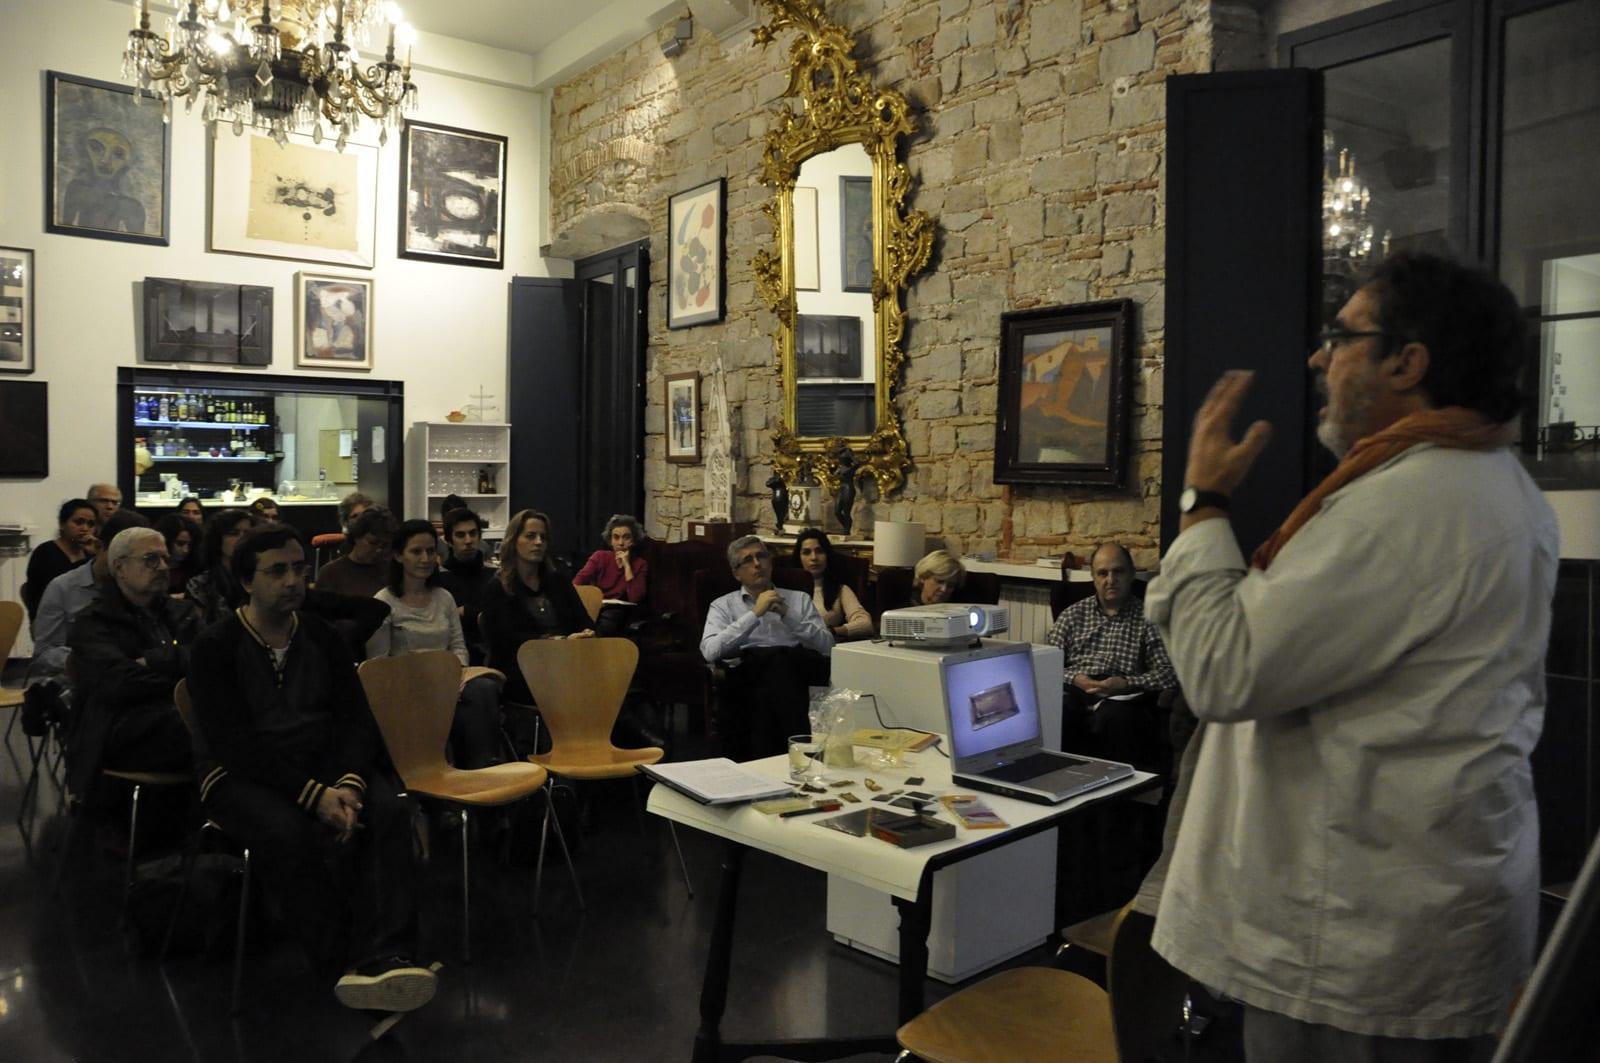 Fototertúlia El mirall de plata a càrrec de Jordi Mestre i Rita Udina 1/12/2014